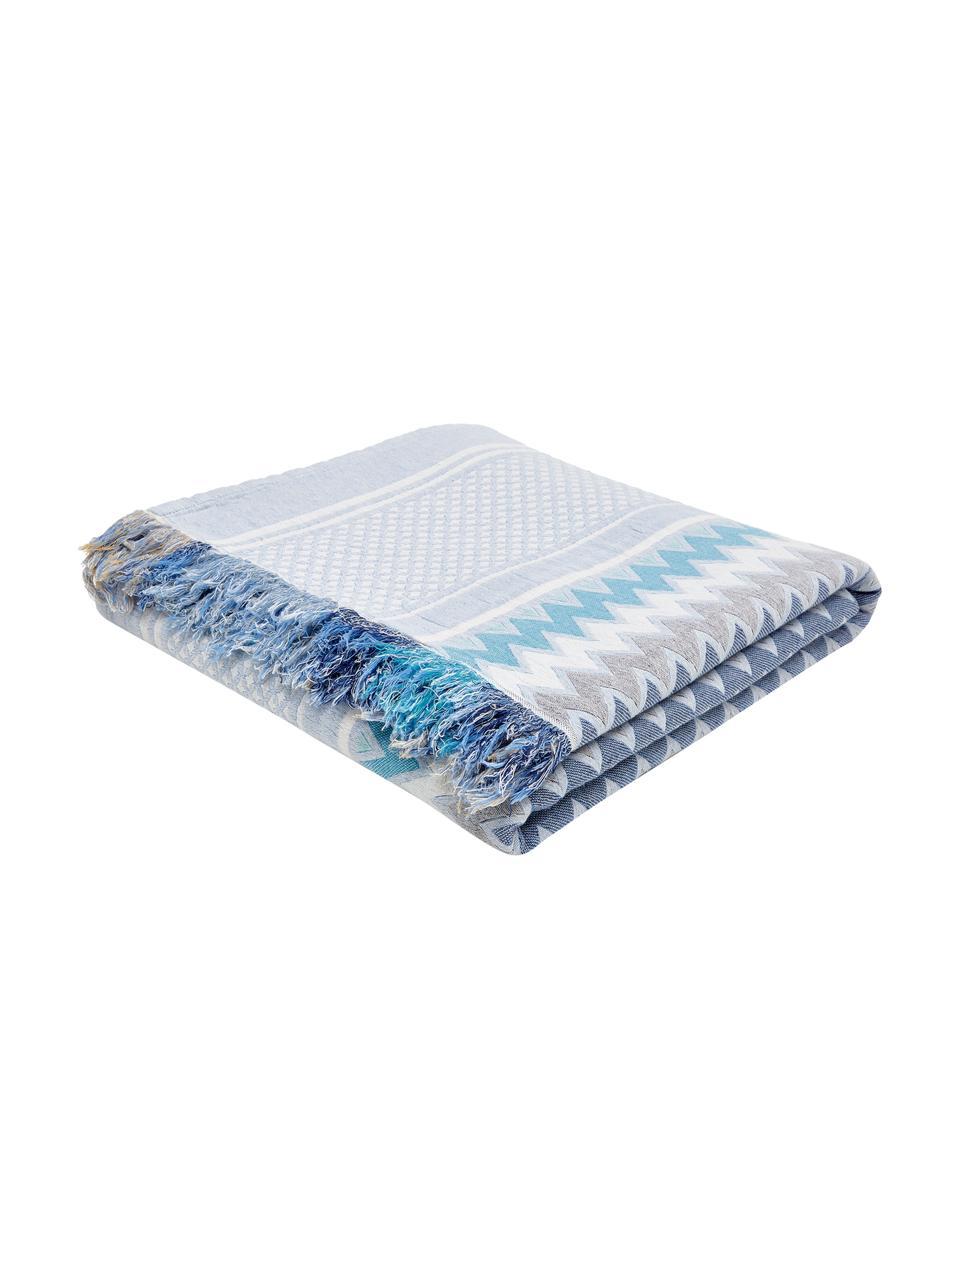 Gemusterte Tagesdecke Oglio, 100% Baumwolle, Blau, B 180 x L 235 cm (für Betten bis 140 x 200)